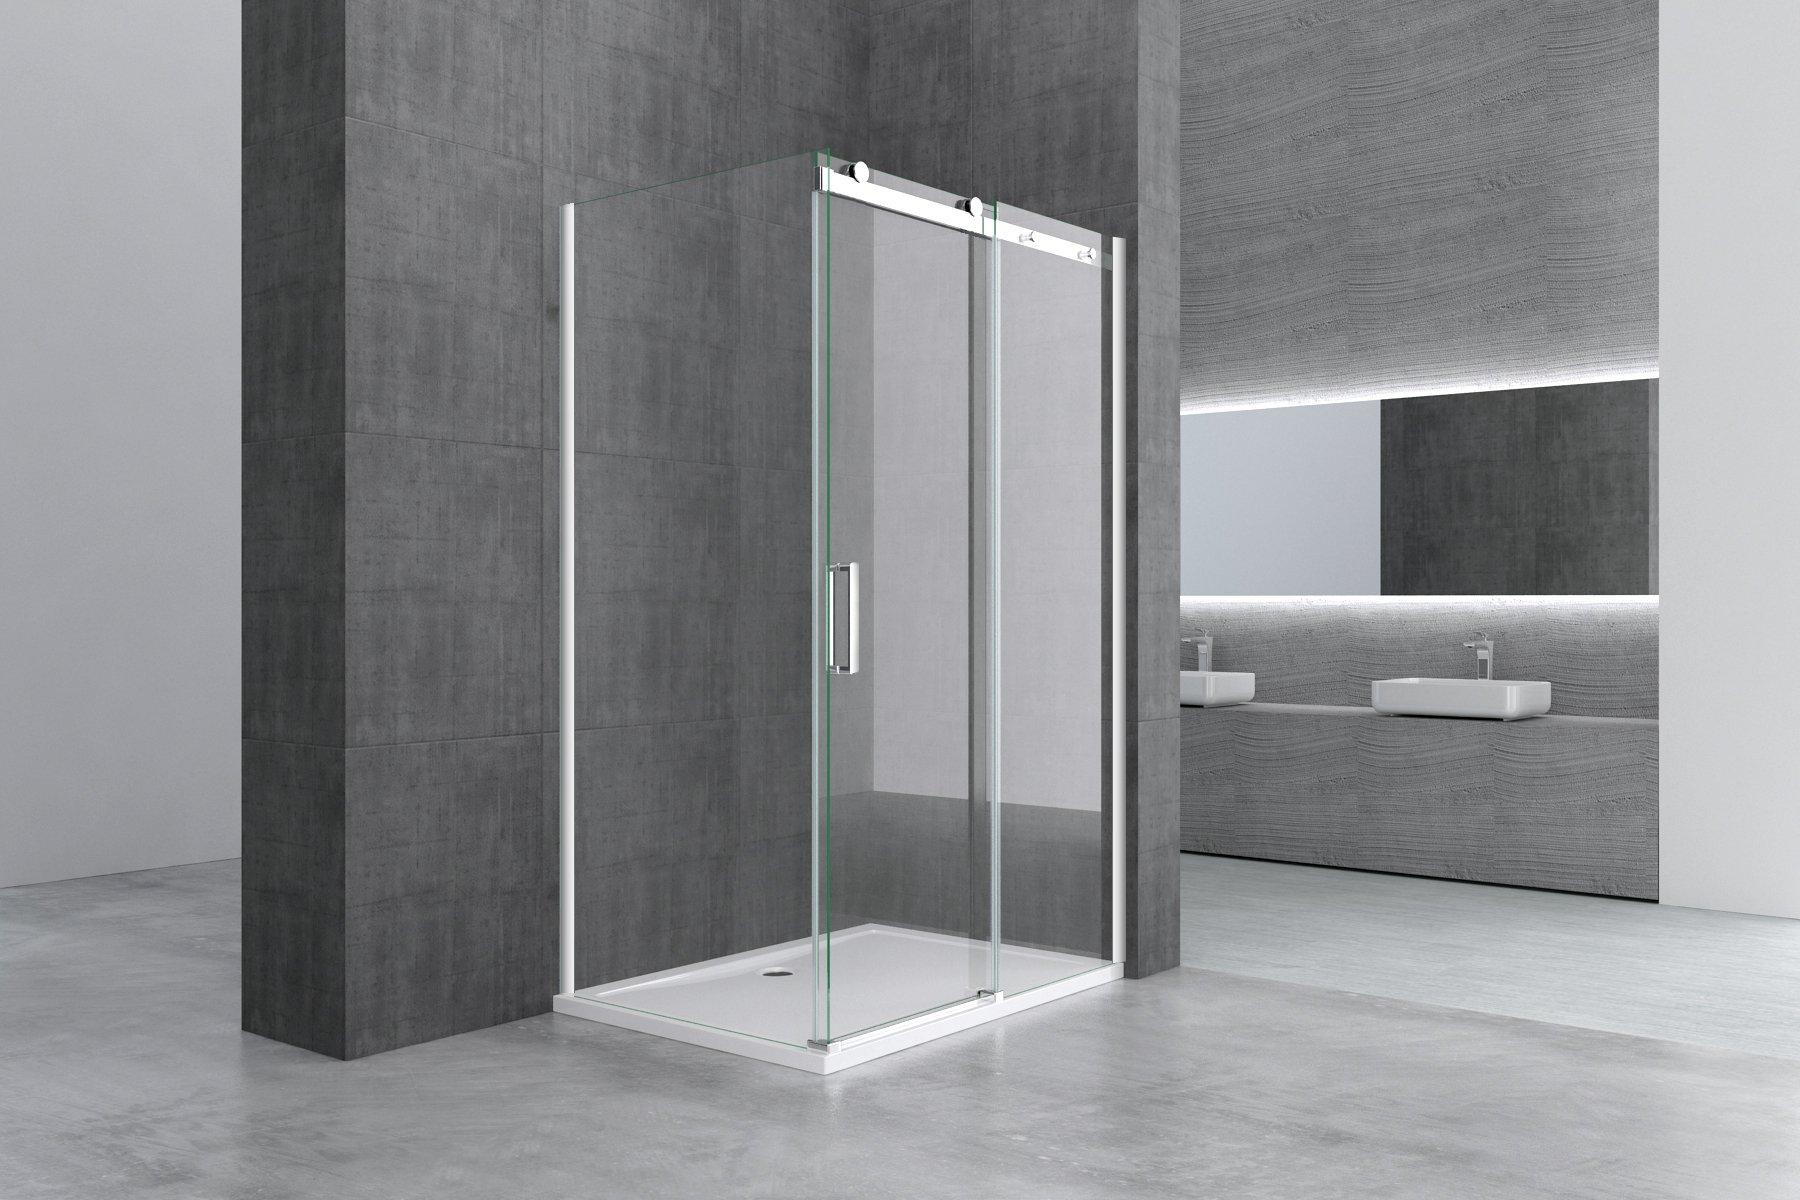 Retractable shower door asme b16 9